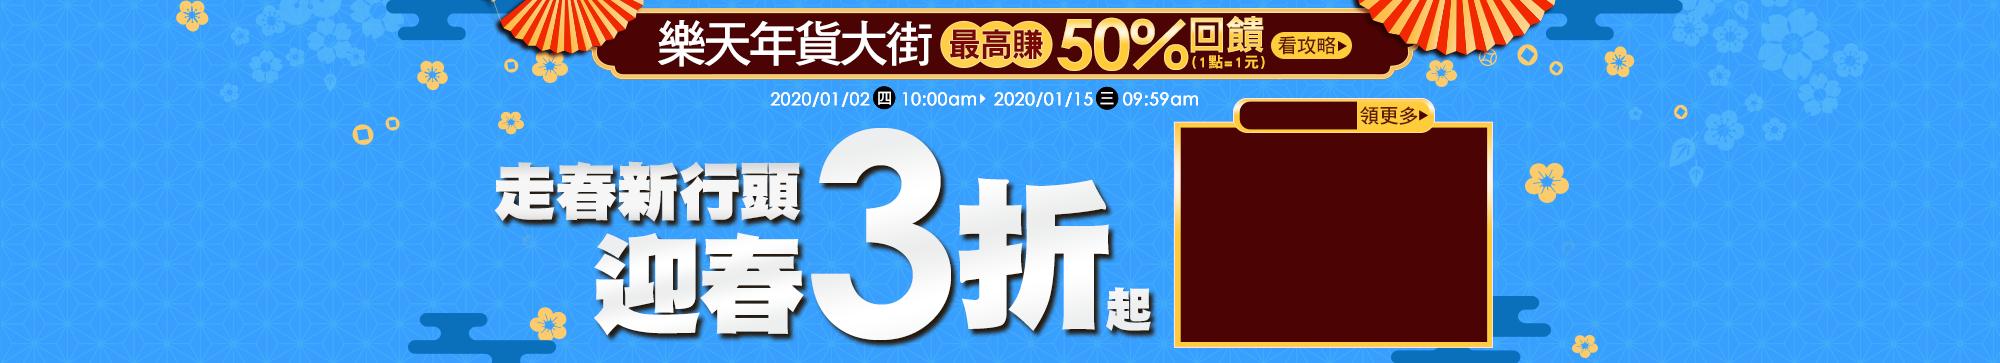 樂天年貨大街:迎春男女裝3折起,最高再賺50%回饋